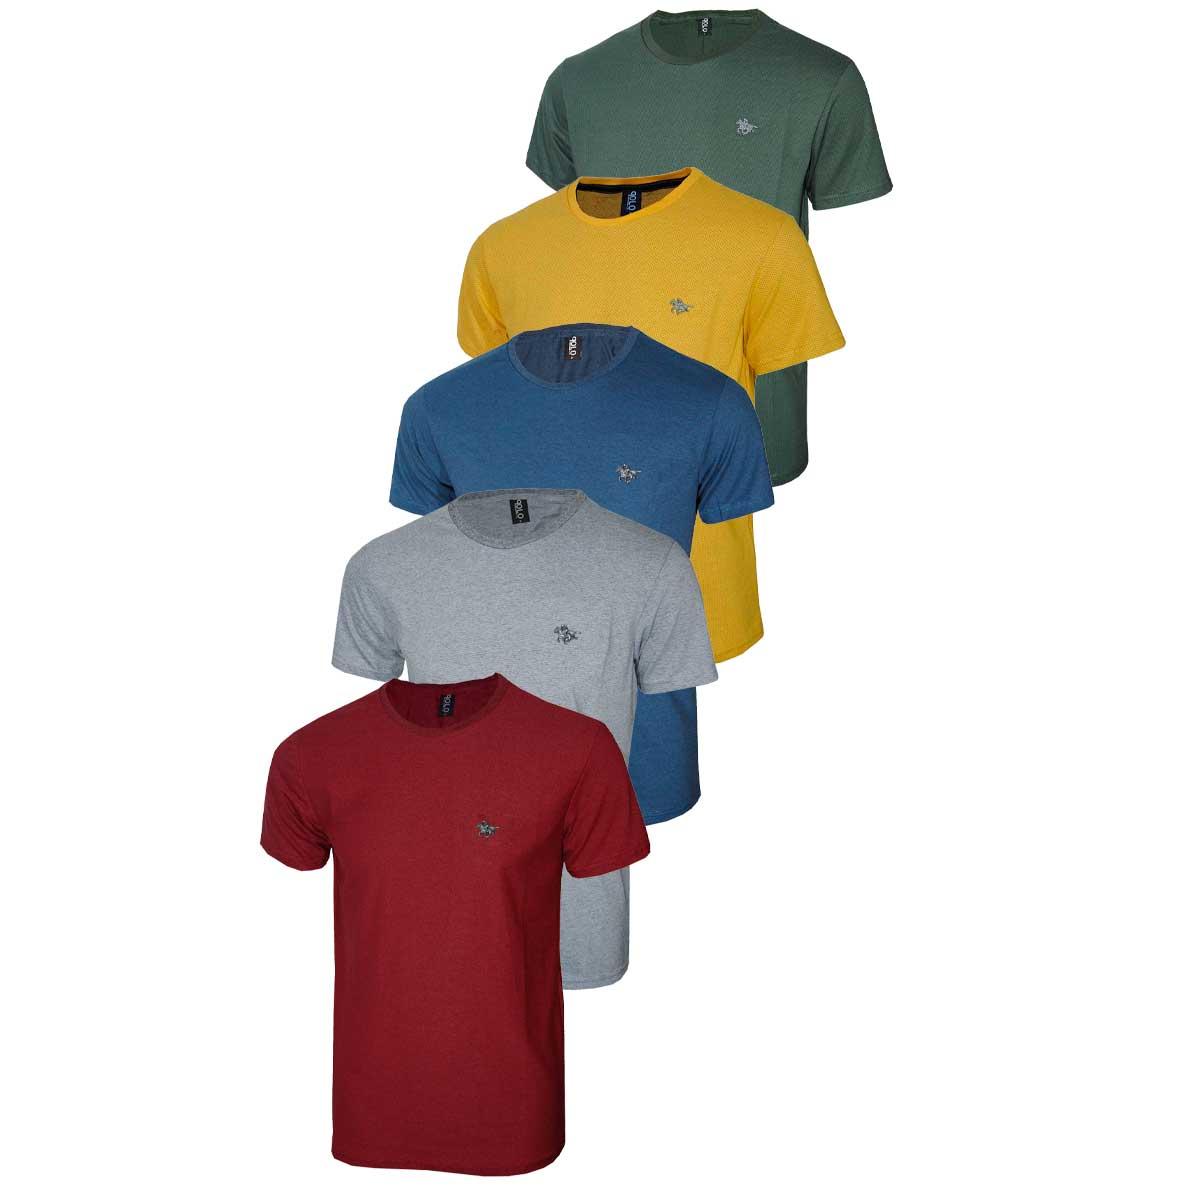 Kit Camisetas Masculinas Malha com Logo Metalizado